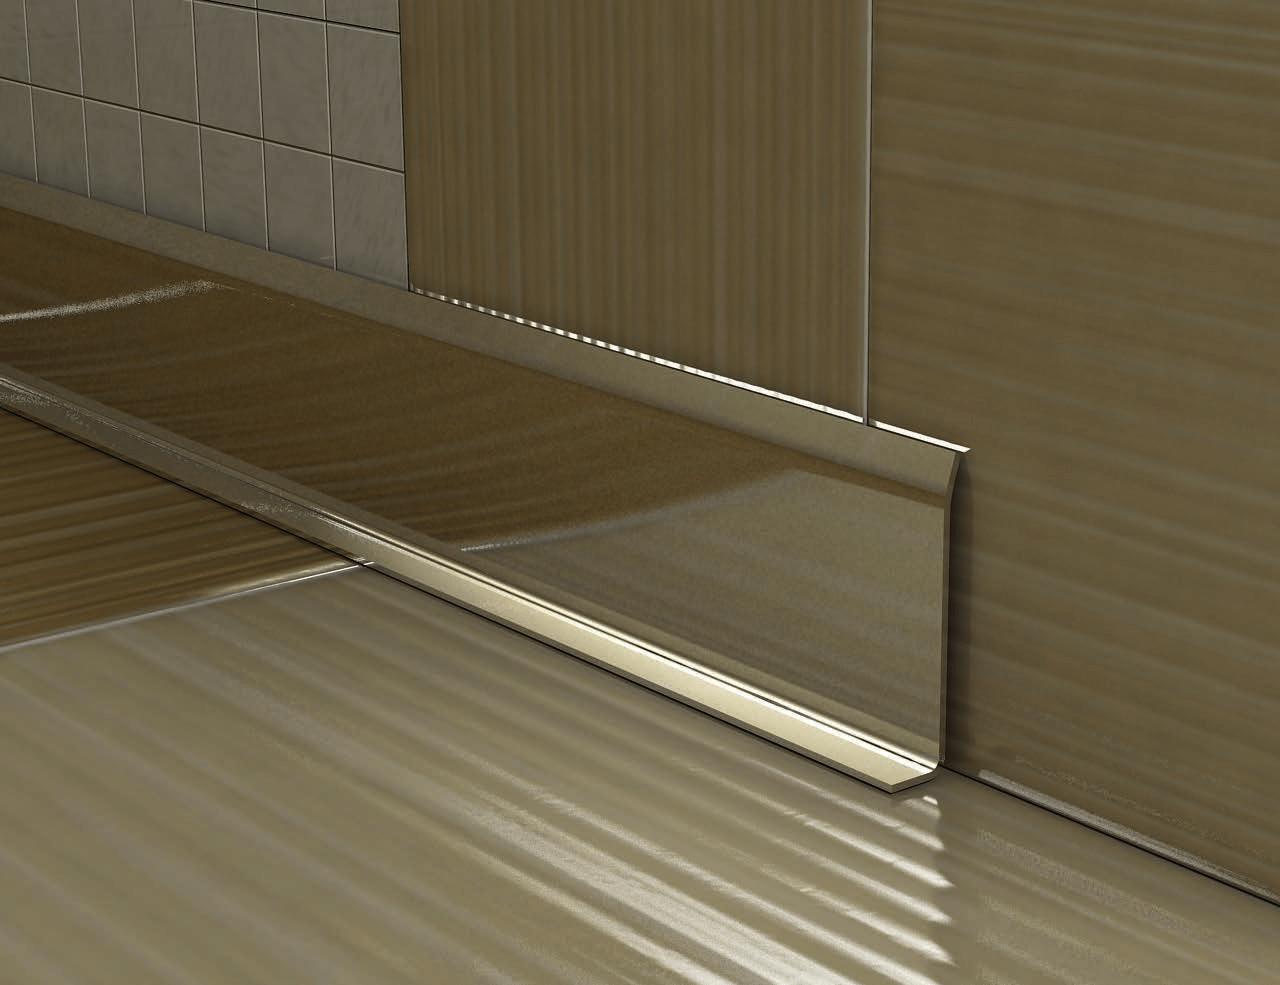 Плинтус из нержавеющей стали может иметь как матовую, так и глянцевую поверхность